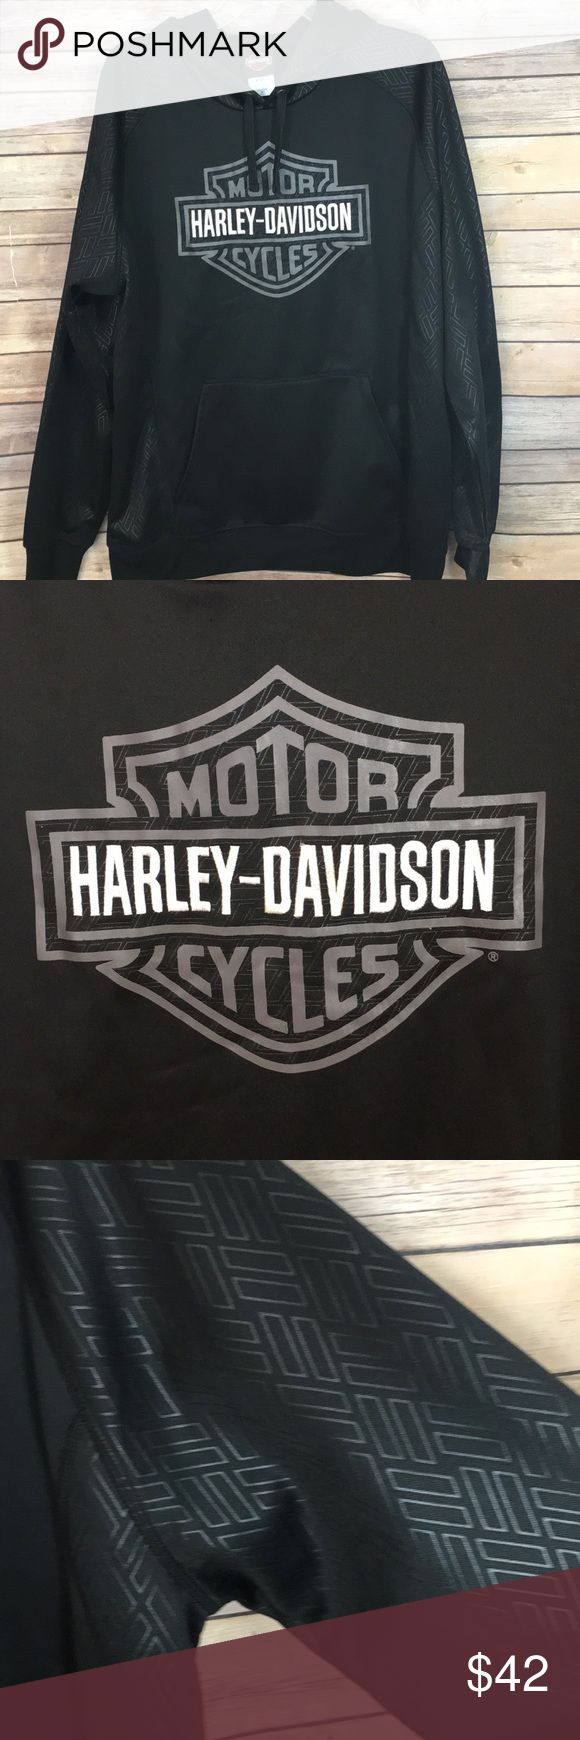 Harley Davidson black hoodie sweatshirt. Black hoodie sweatshirt from Harley Davidson. Tire print on hood and sleeves Harley-Davidson Shirts Sweatshirts & Hoodies